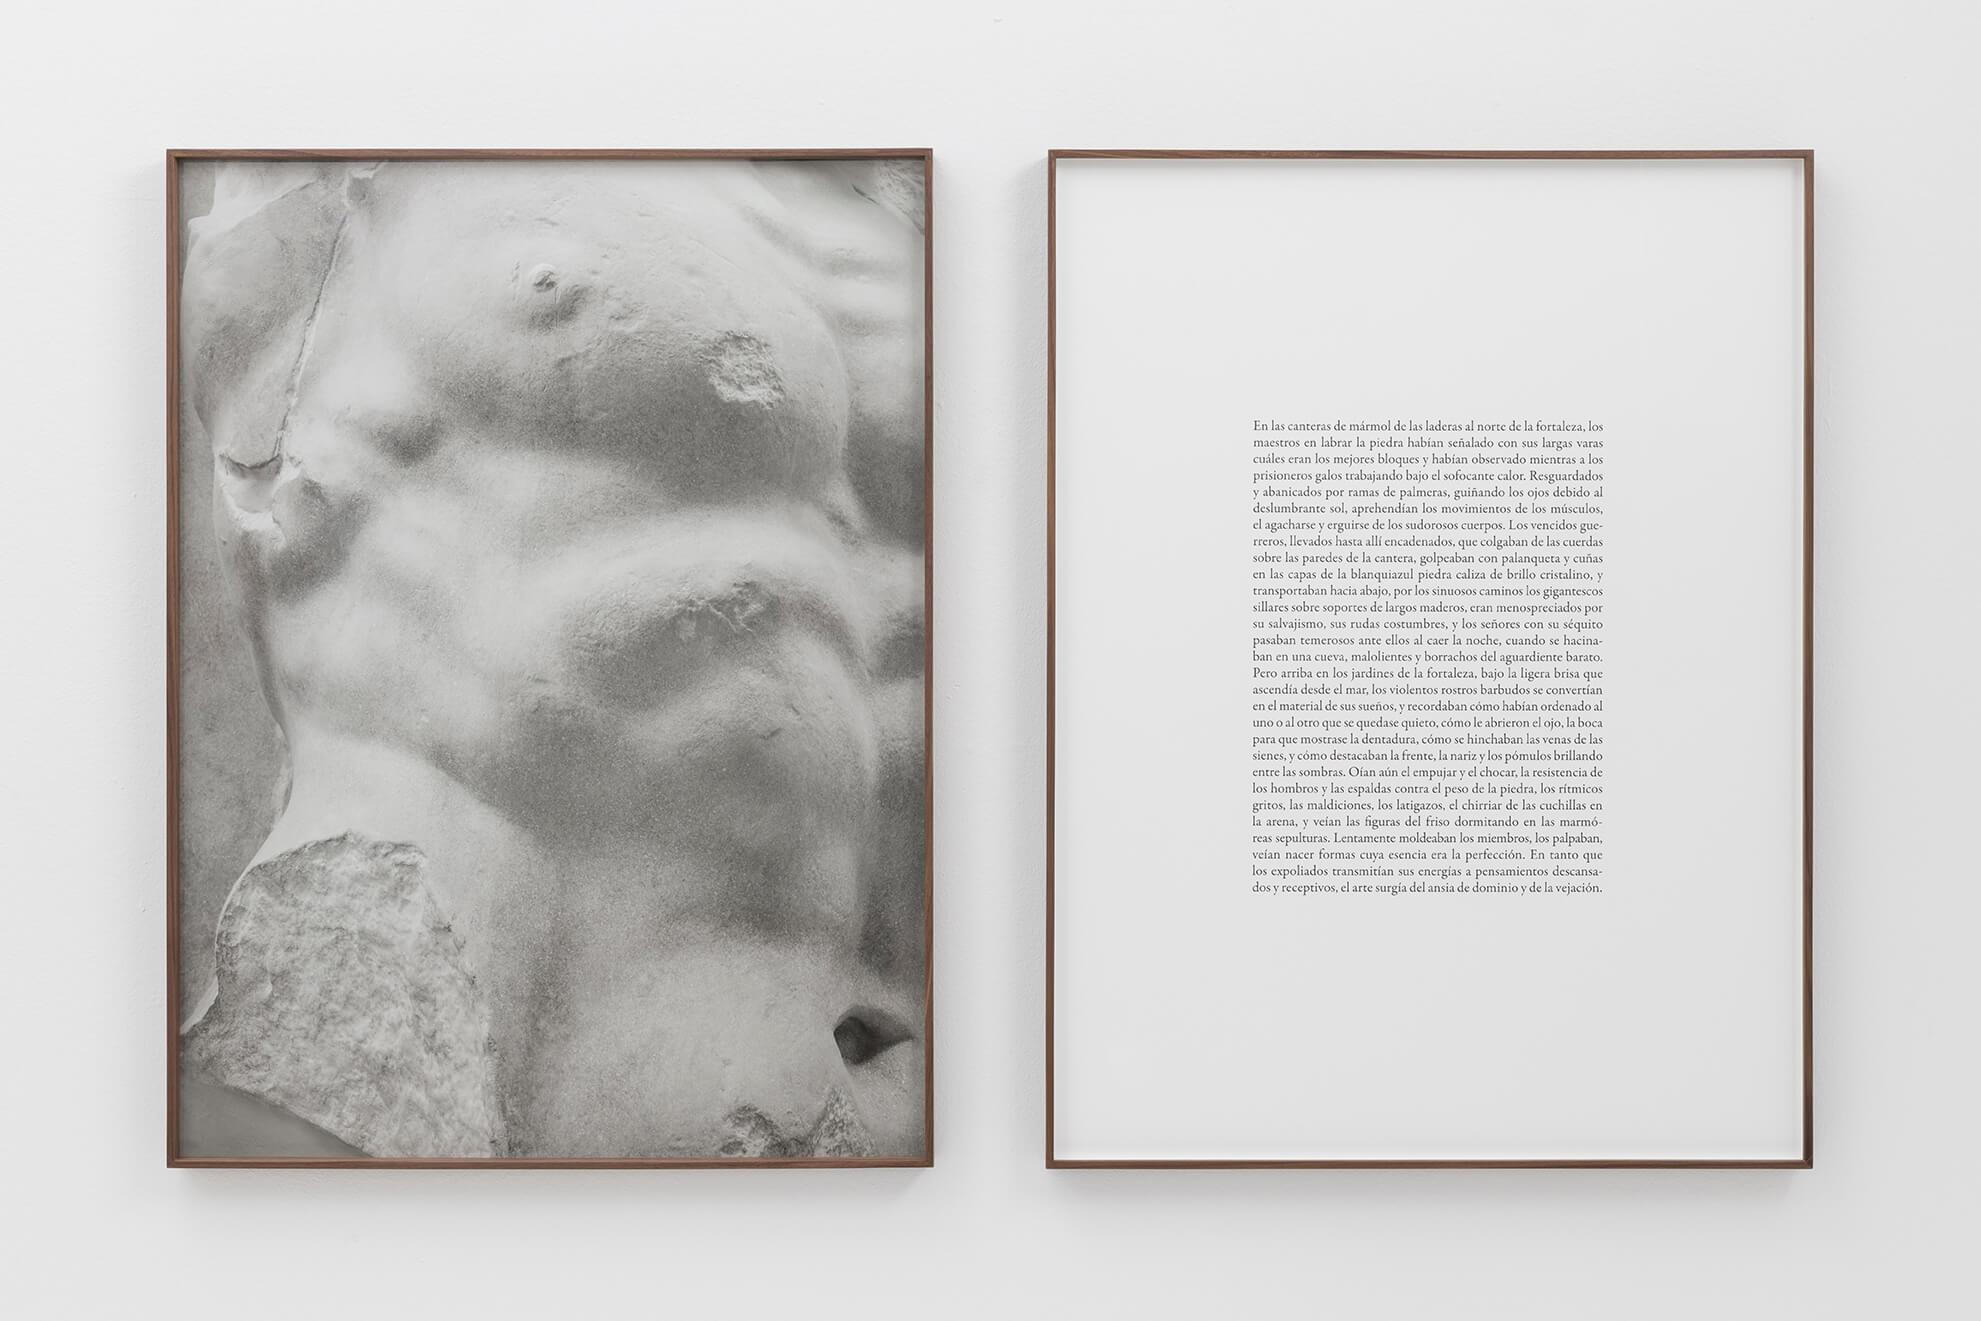 XAVIER RIBAS. Afterlife #6 [Gigante, Altar de Zeus en Pérgamo], 2020 | El Museu Imaginari / El Museo Imaginario / The Imaginary Museum | ProjecteSD